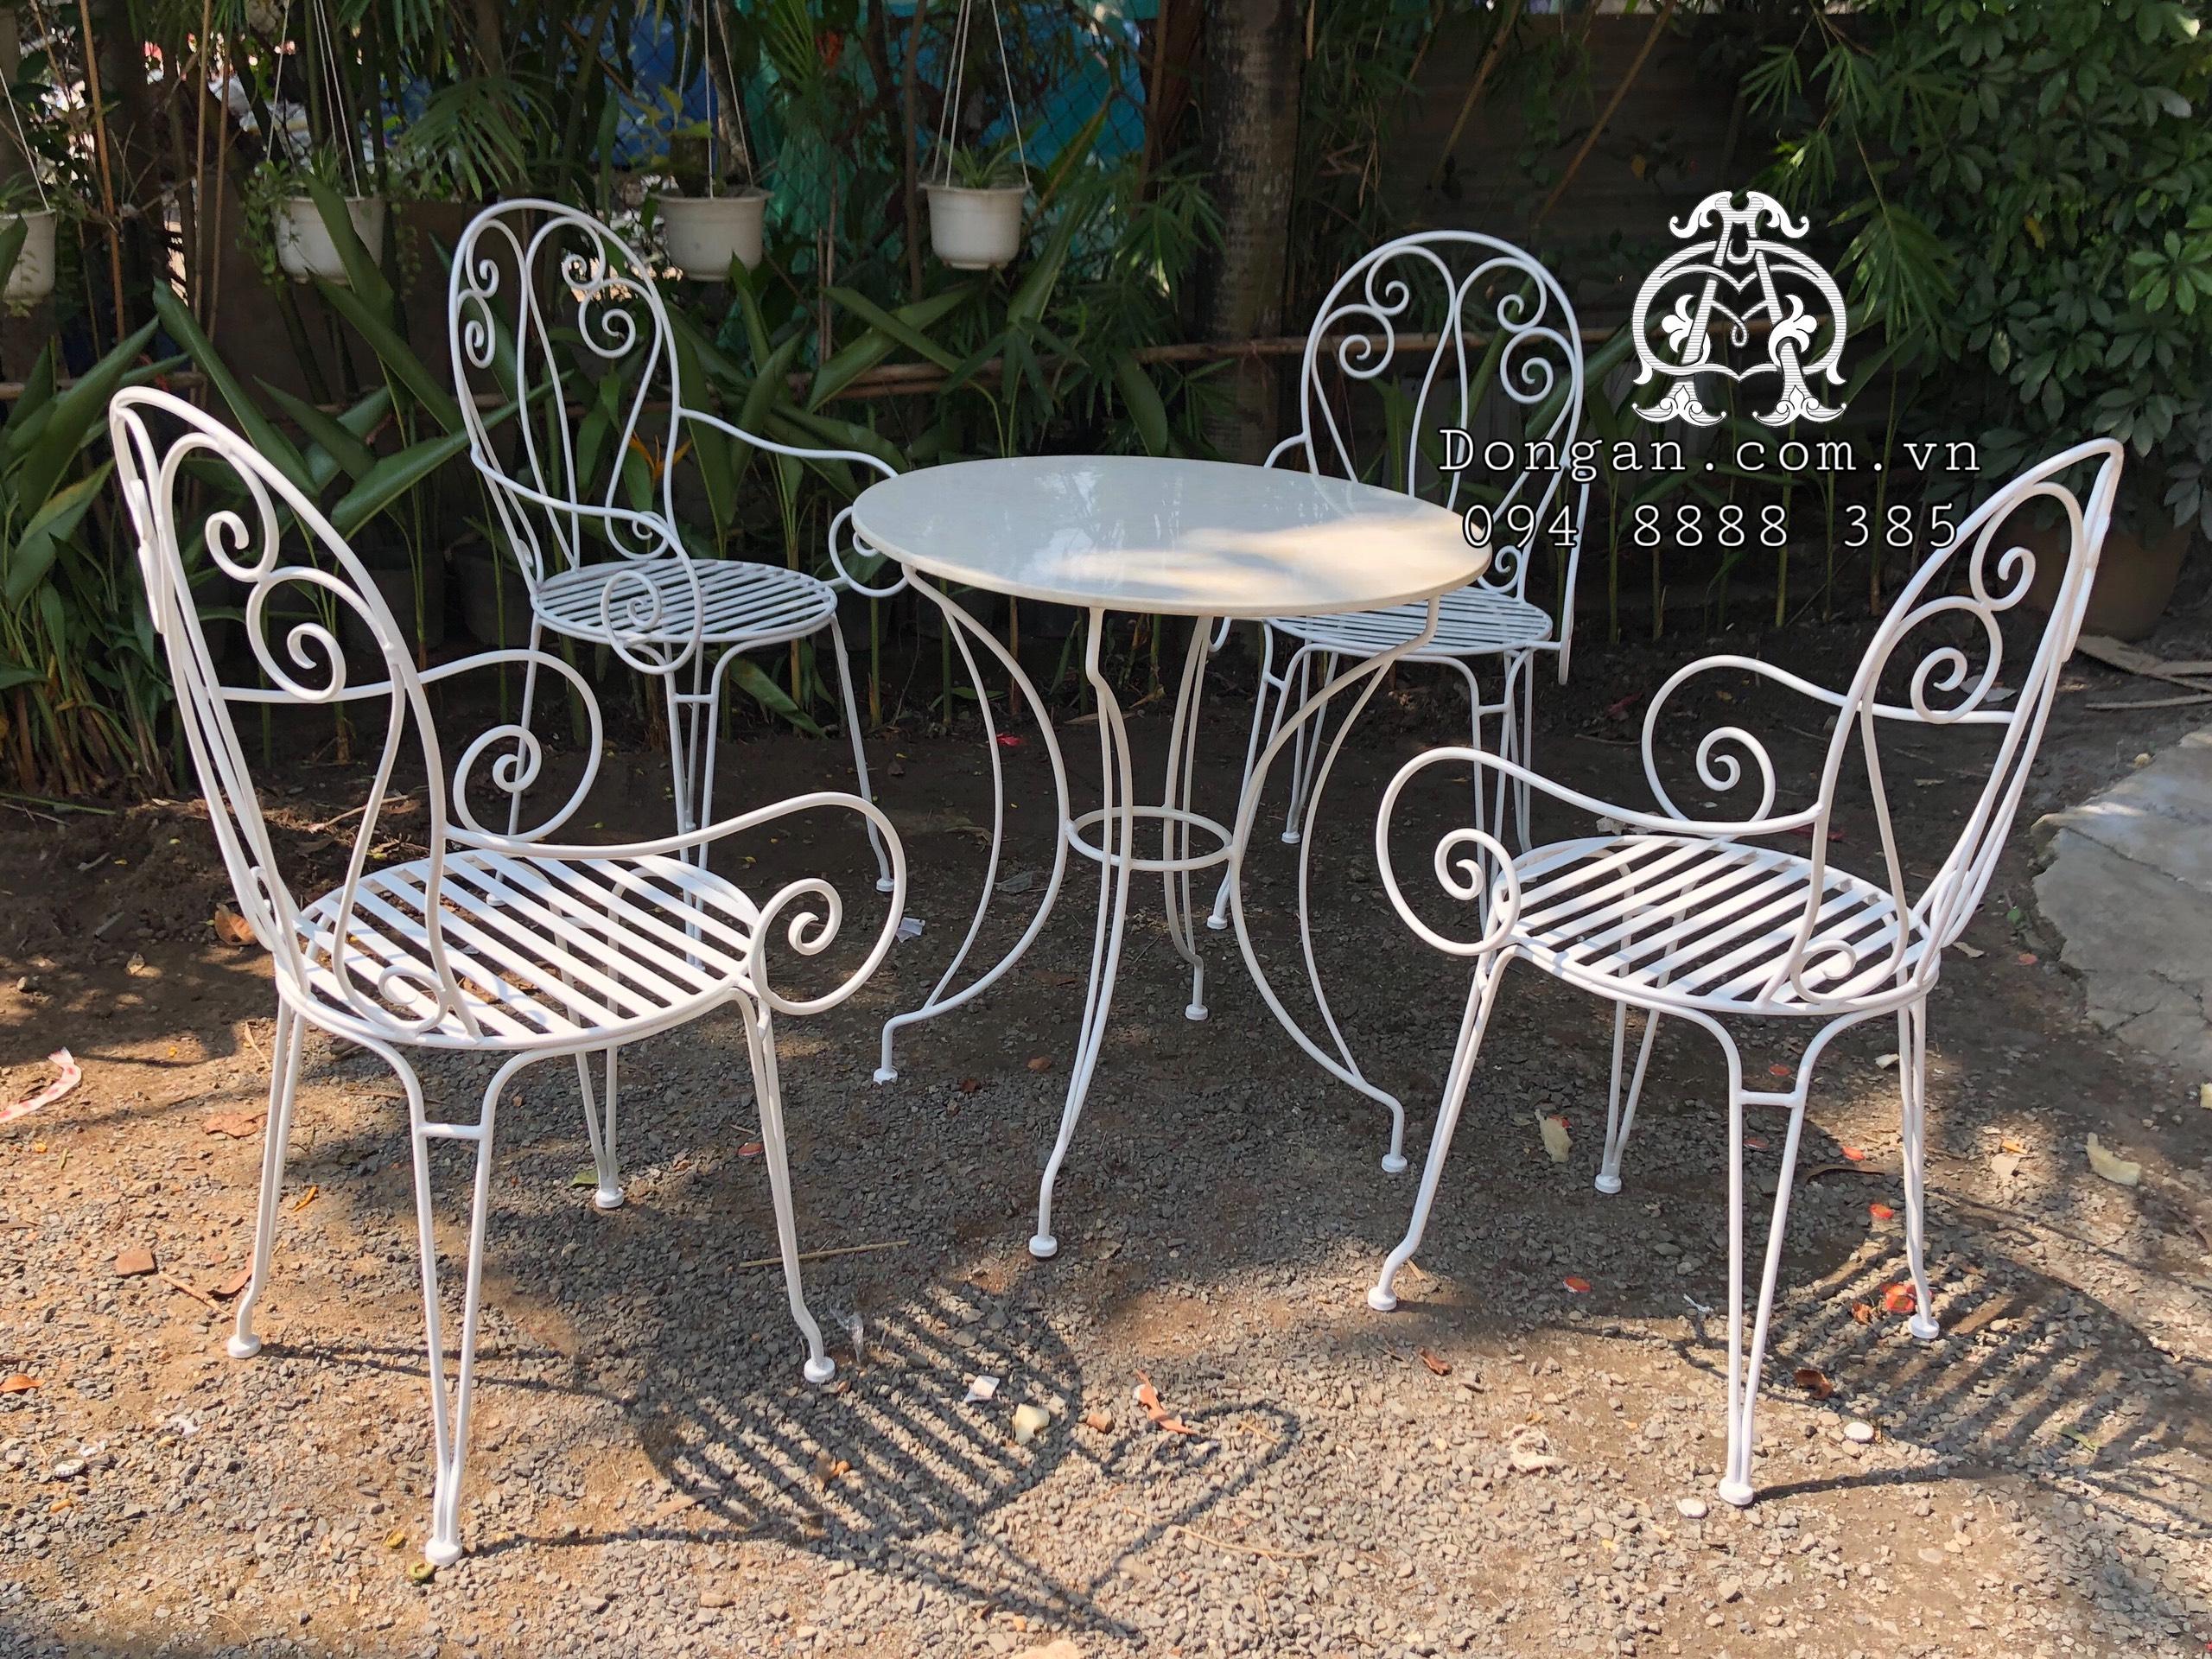 Bàn ghế sắt sân vườn đẹp DA19-BG19